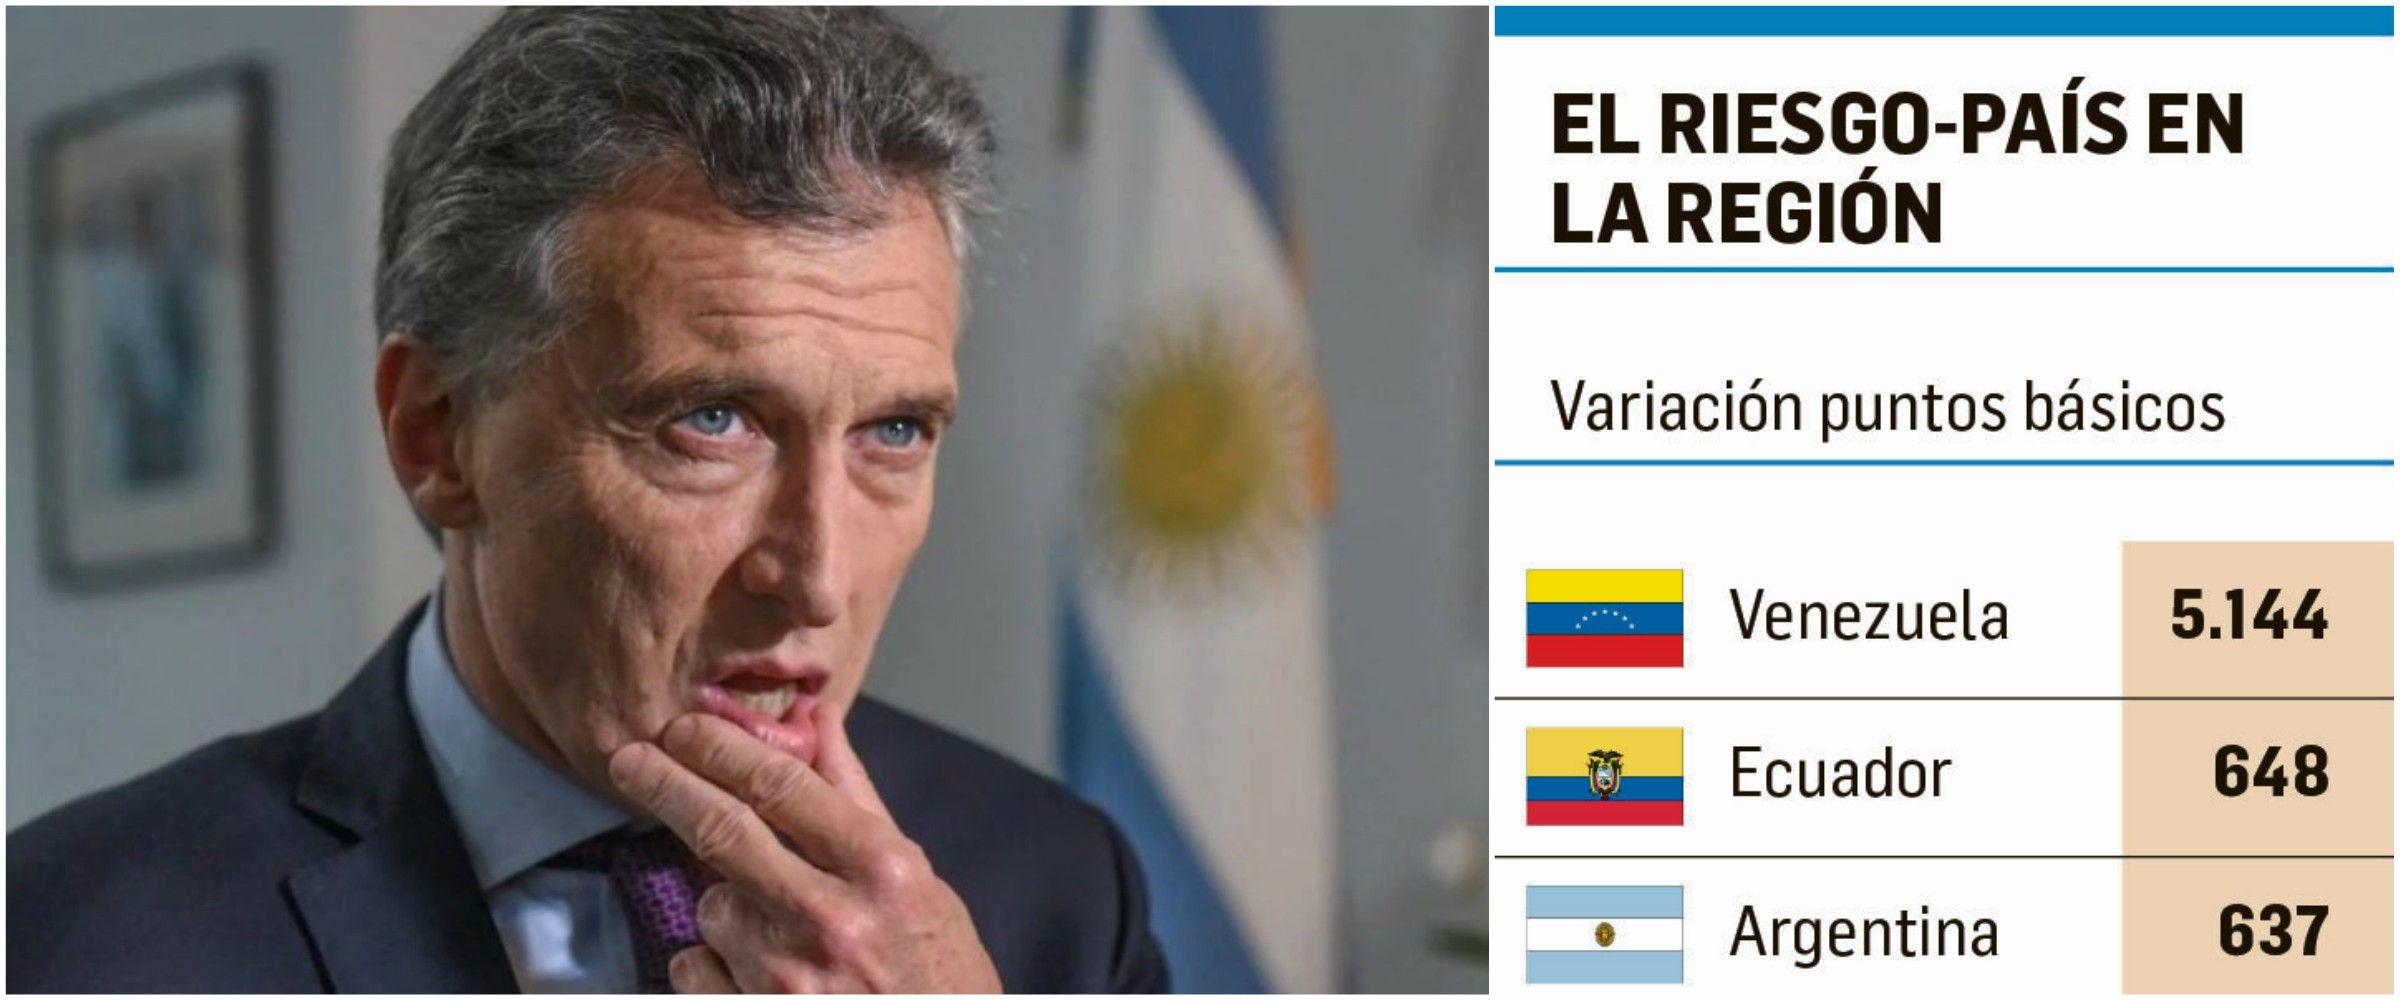 Mauricio Macri y el ranking de Riesgo País